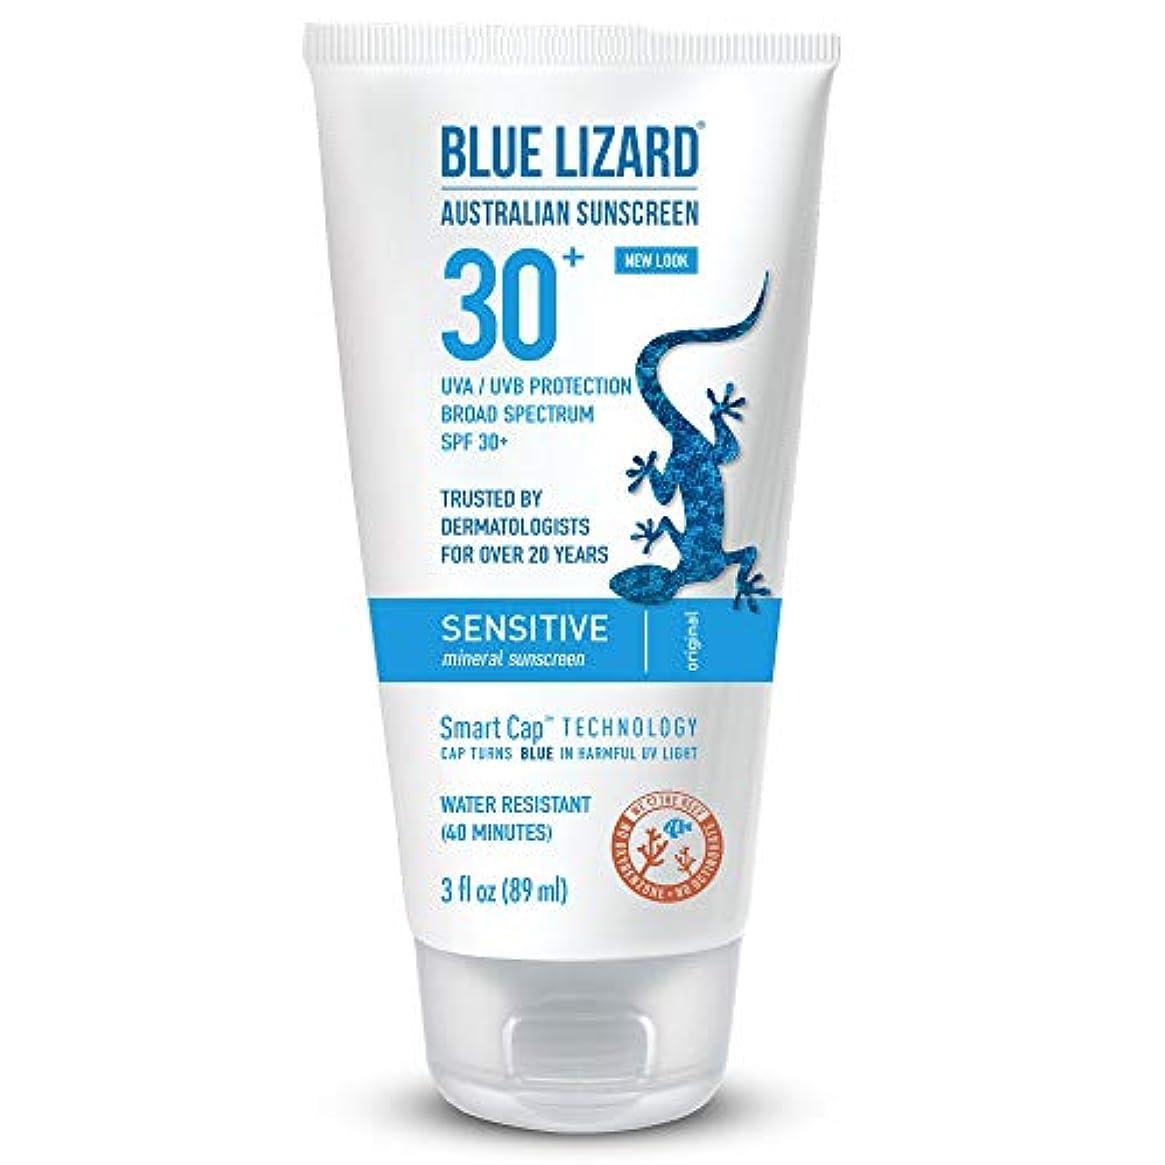 内陸によって膿瘍Blue Lizard Australian Sunscreen - 敏感日焼け止めSPF 30+広域スペクトルUVA/UVB保護 - 3オズチューブ